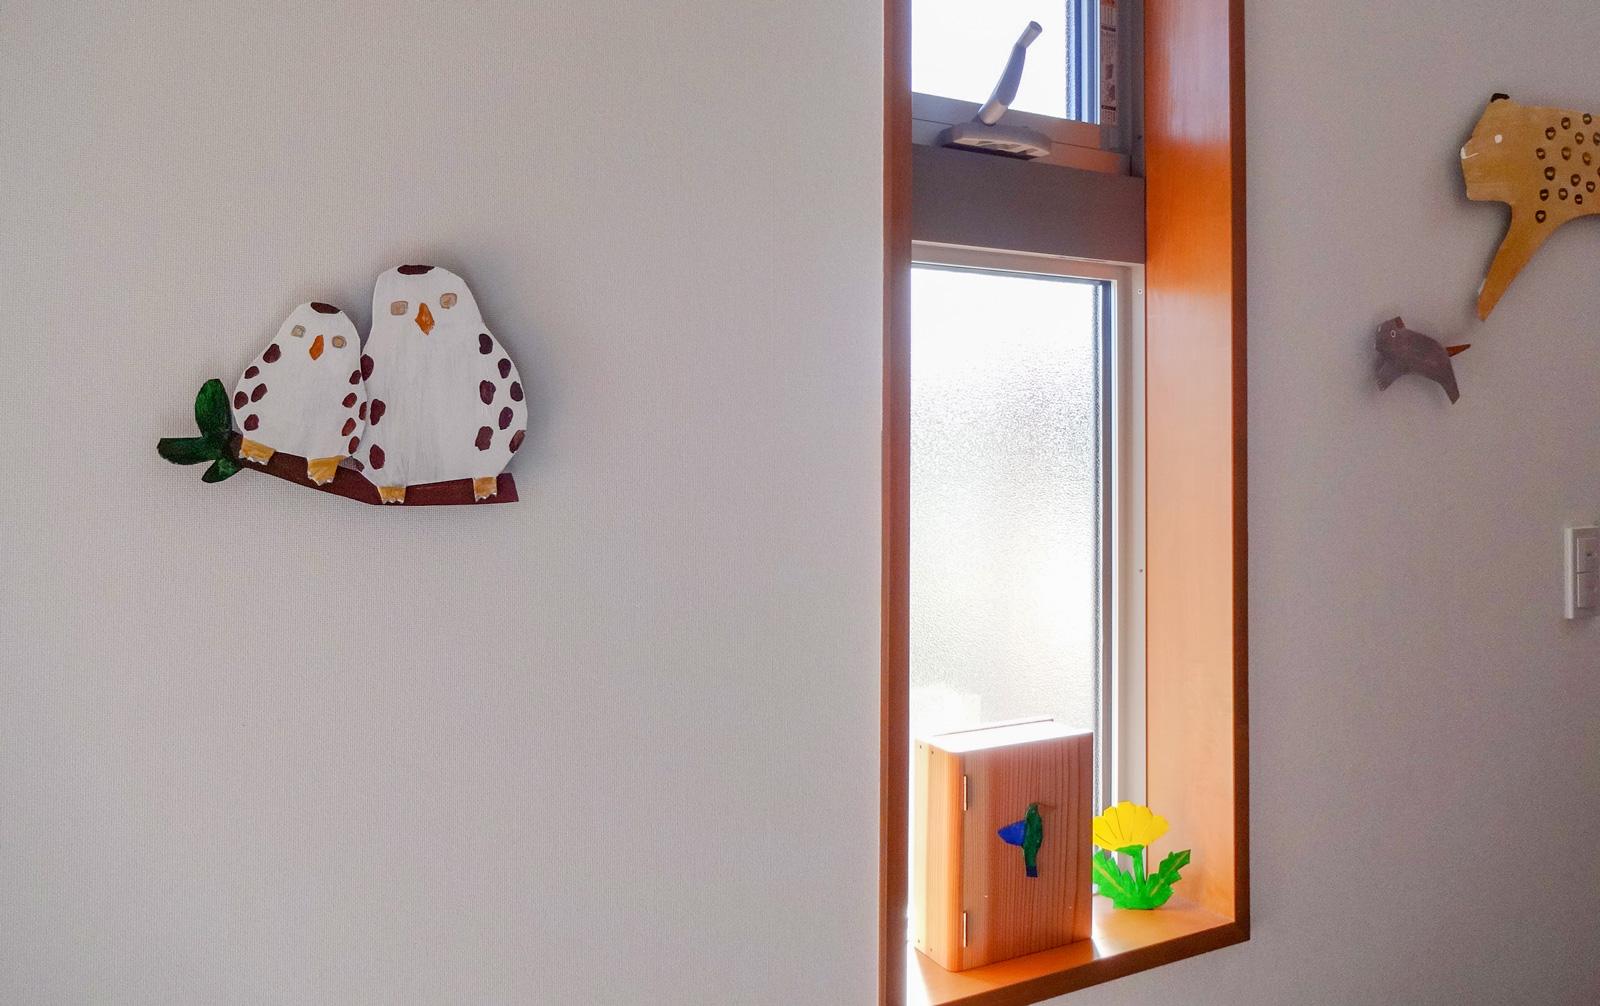 ホスピタルアート 赤ちゃんとこどものクリニックBe 「ハチドリのひとしずく-その後の物語」